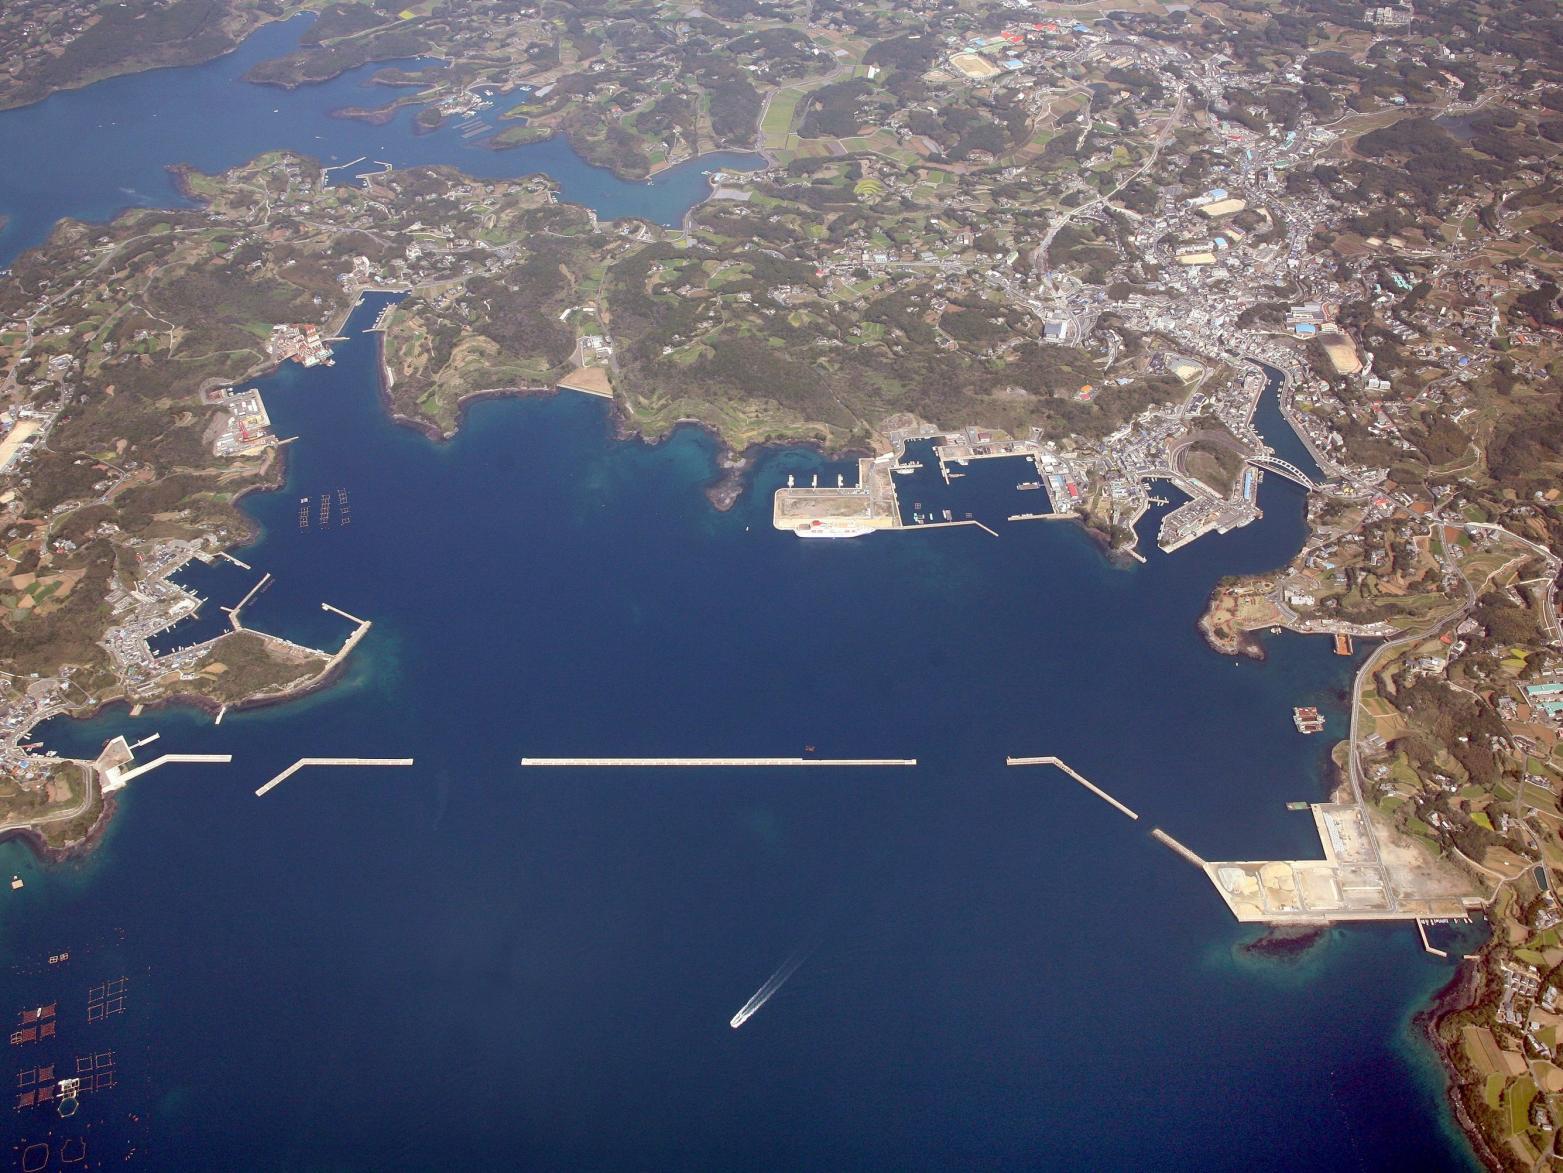 郷ノ浦港(壱岐)の概要   Gonoura Port (Iki)-0